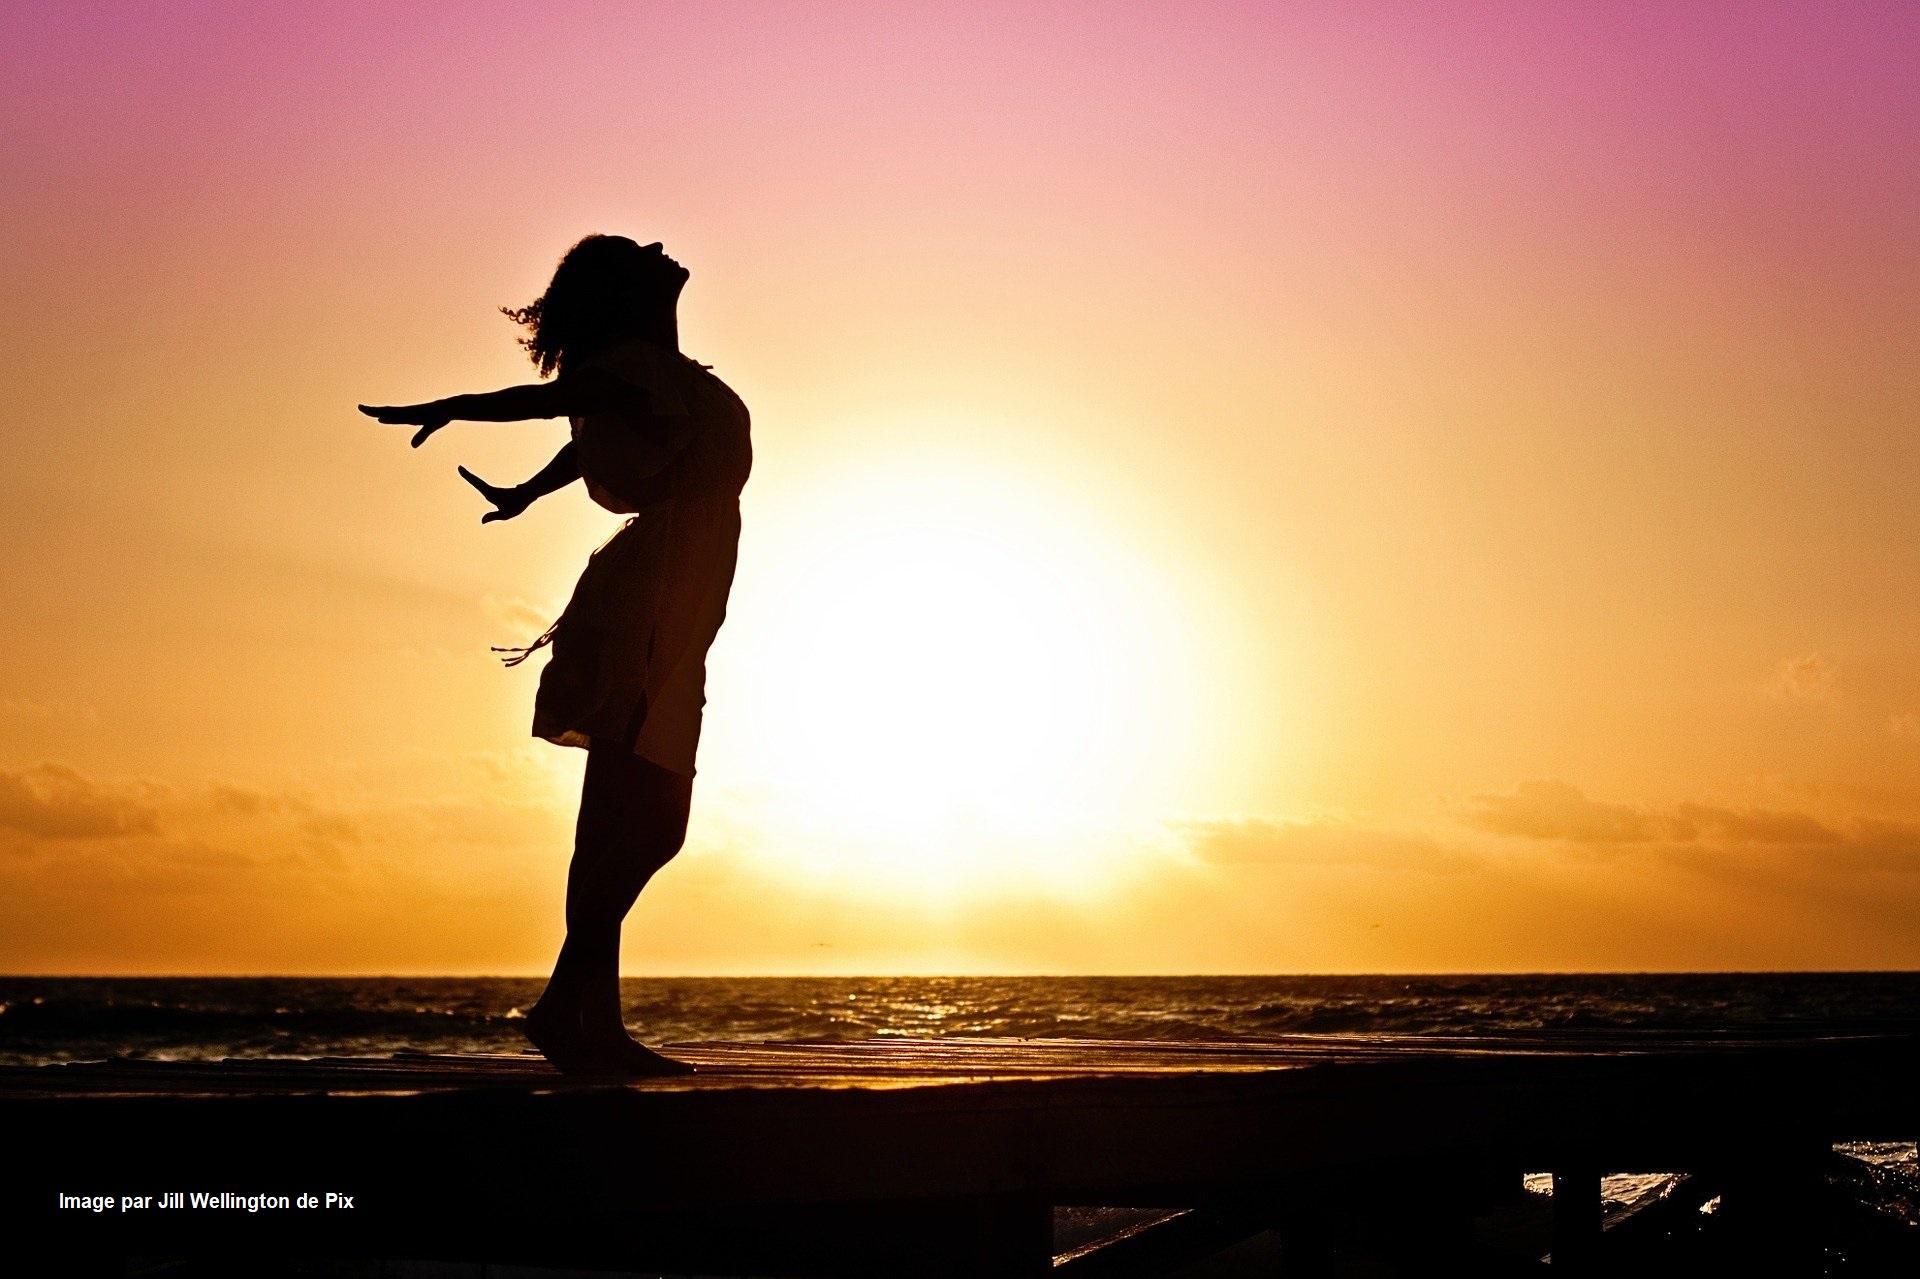 Êtreacteur de sa santé, écouter son corps, une autre voie de traitements